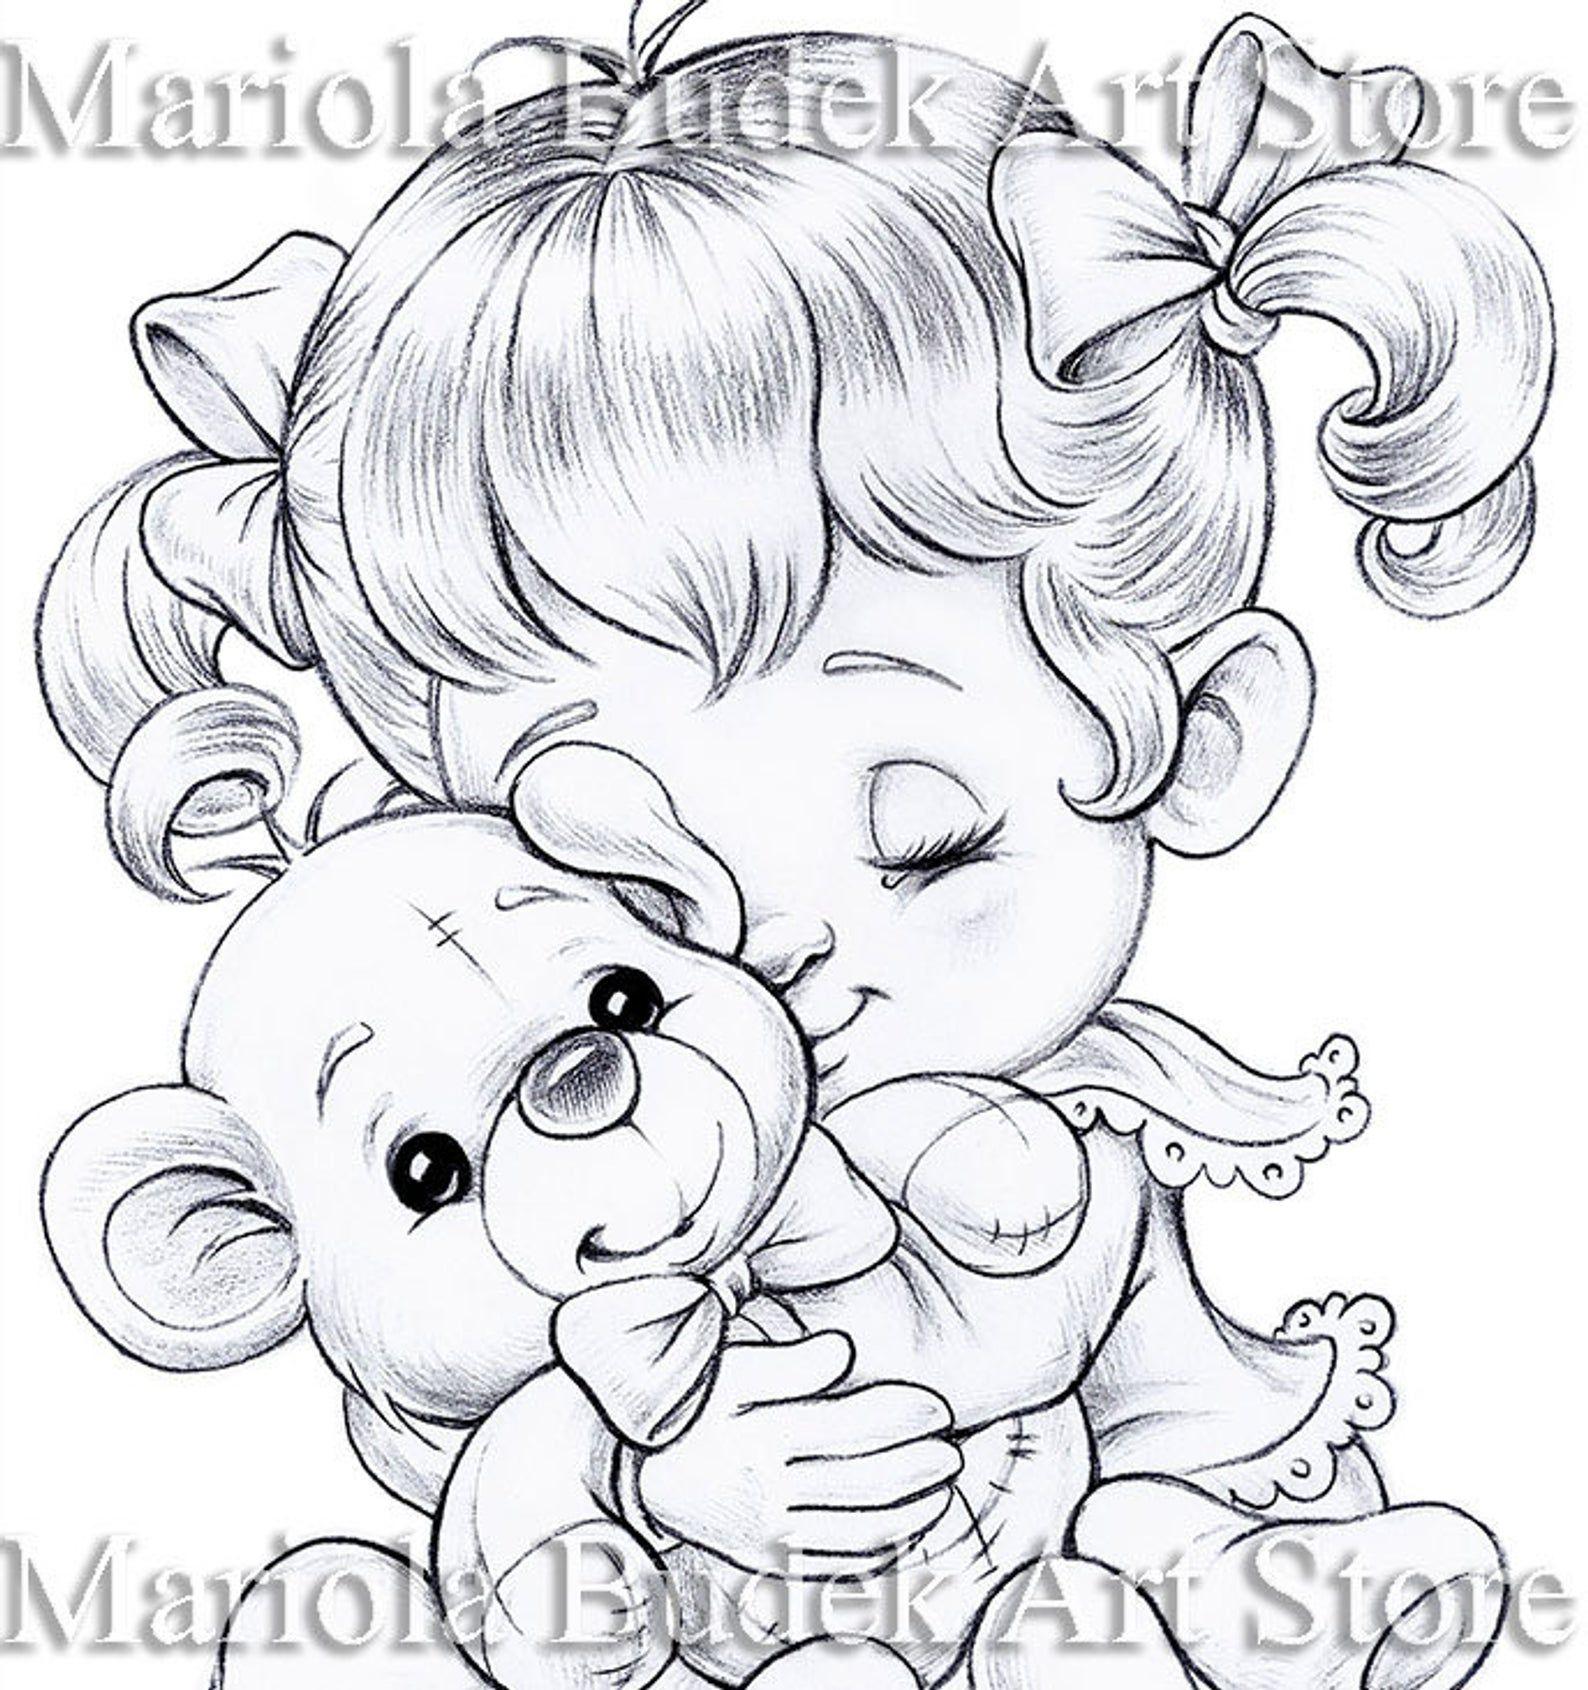 Teddy Bear Mariola Budek Coloring Page Etsy Precious